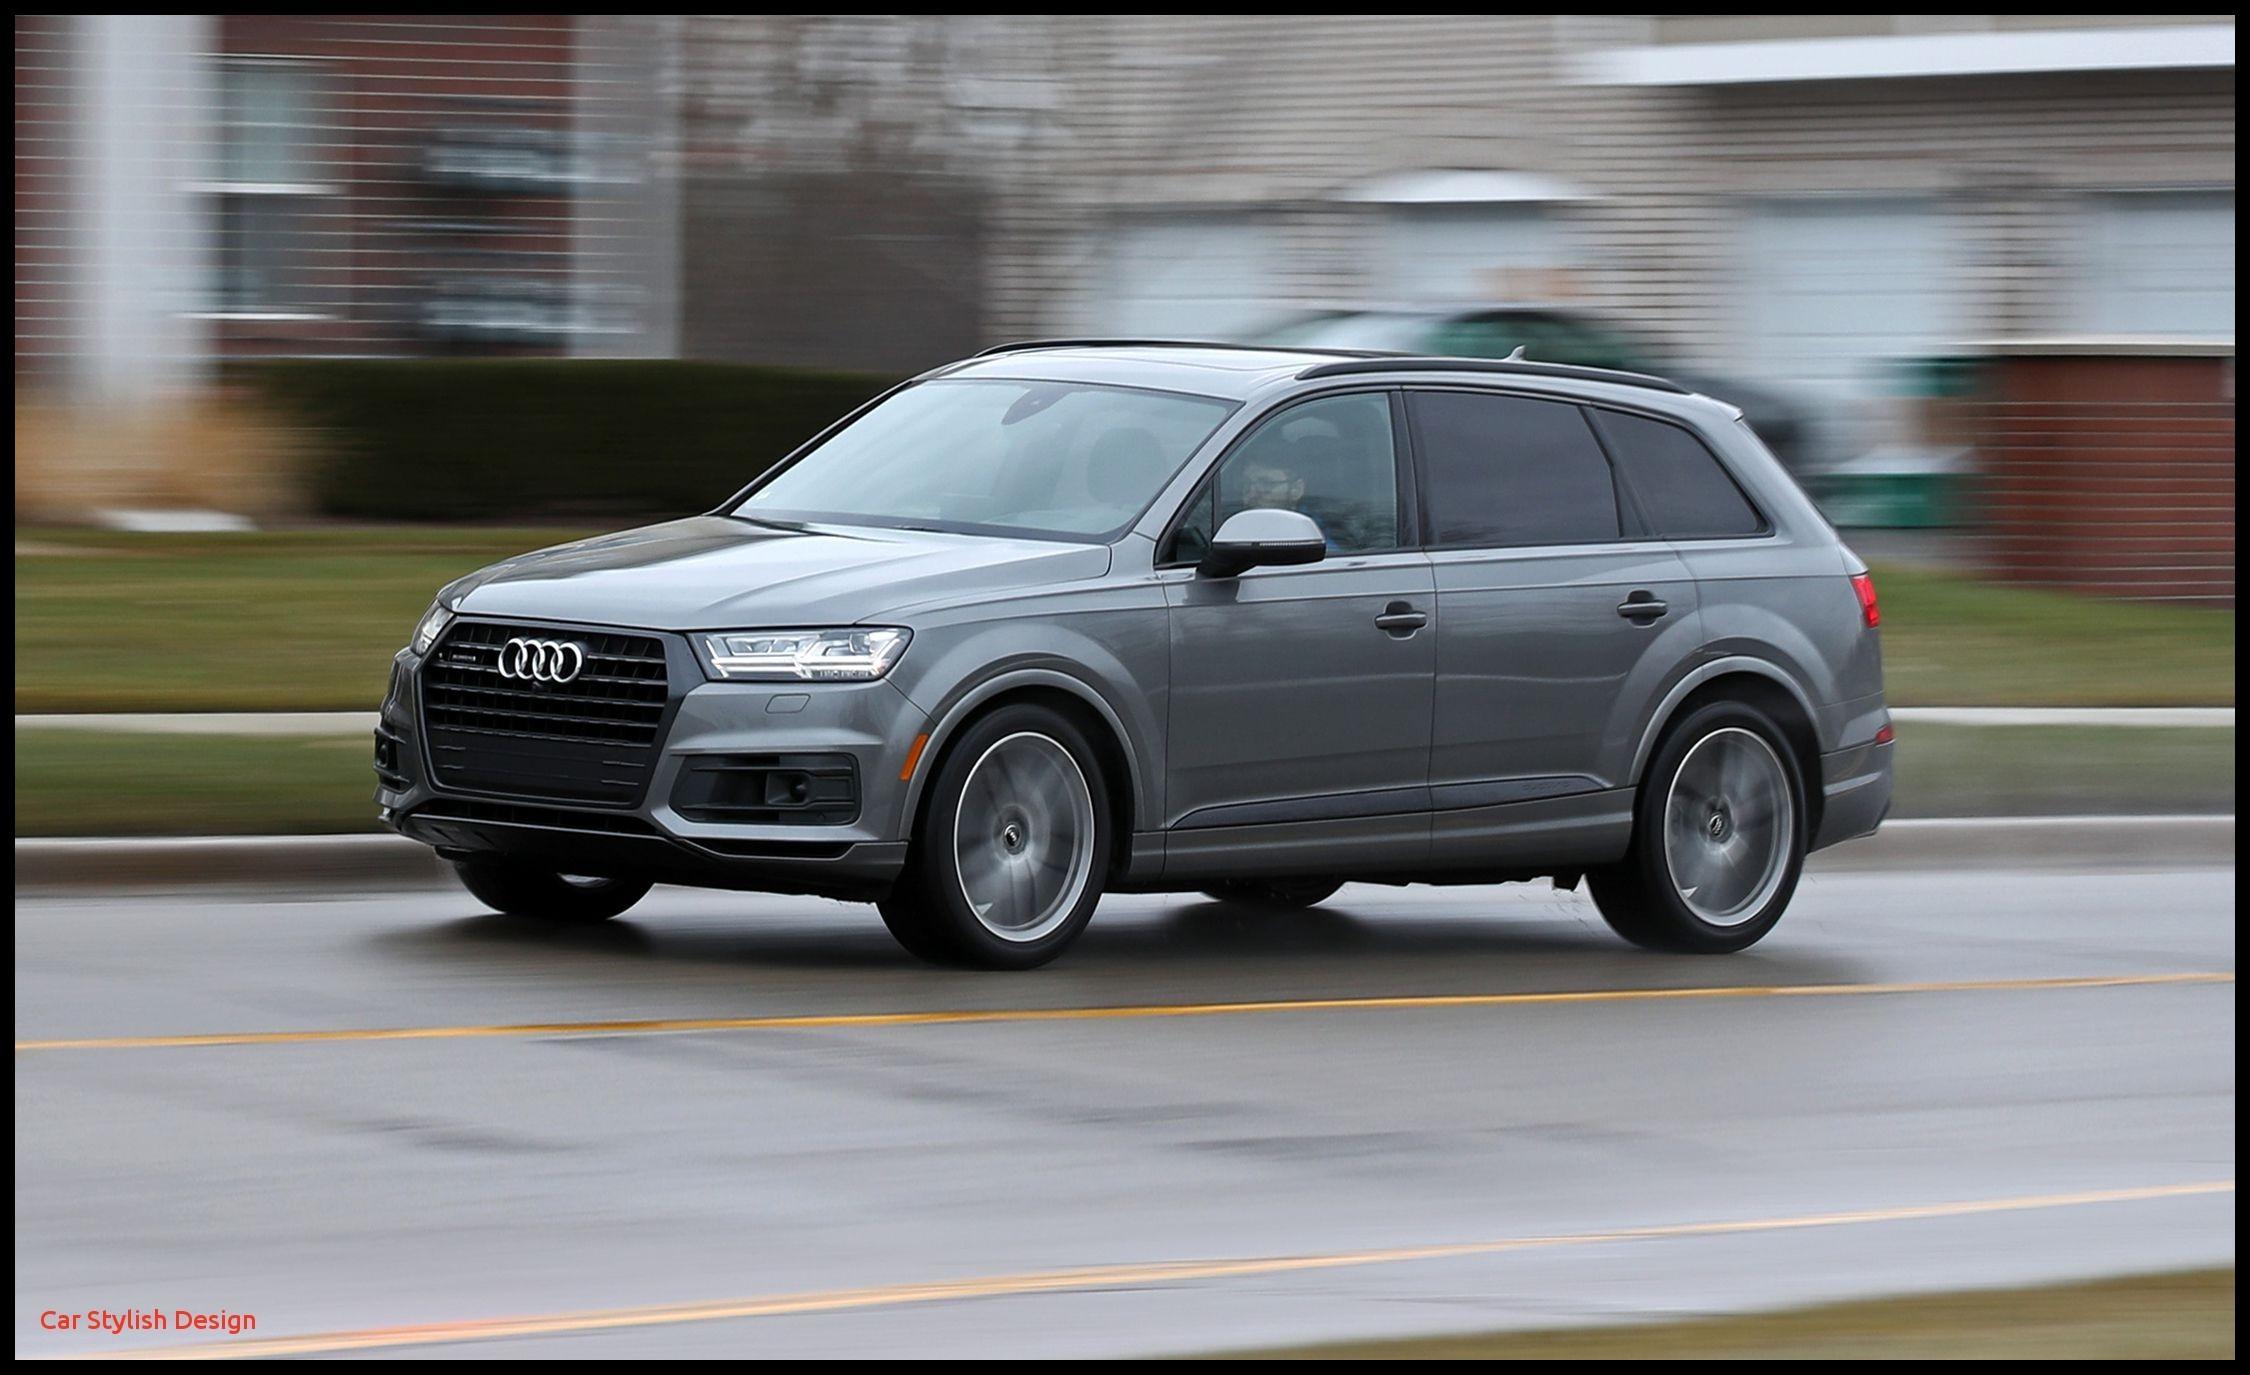 Audi Q7 Elegant 2018 Audi Q7